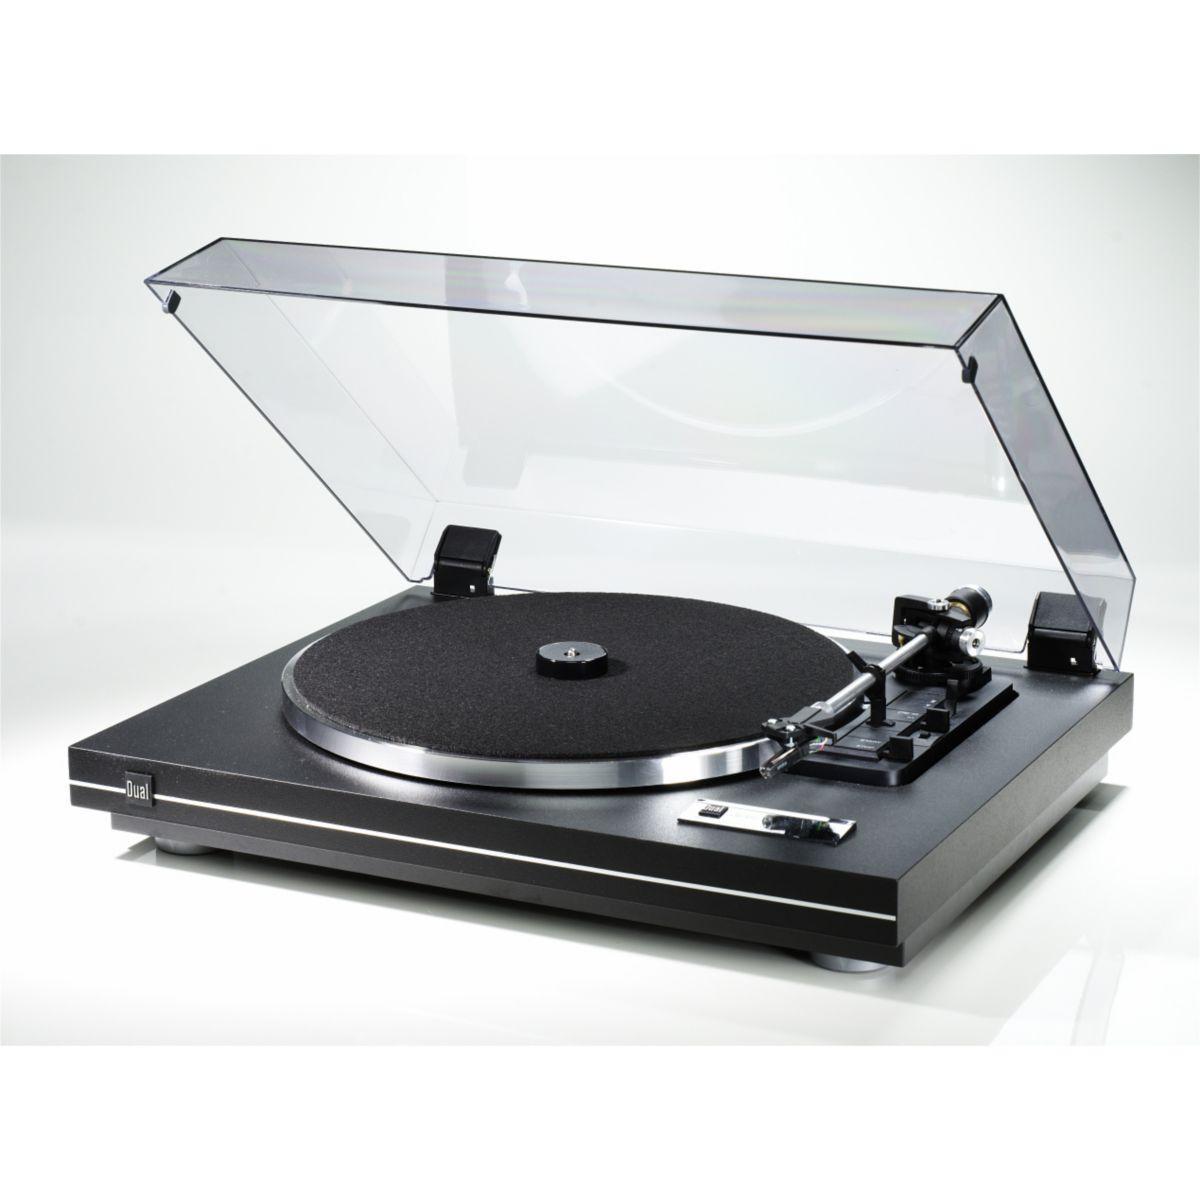 Platine vinyle dual cs455 ev noir finition argent - 15% de rem...